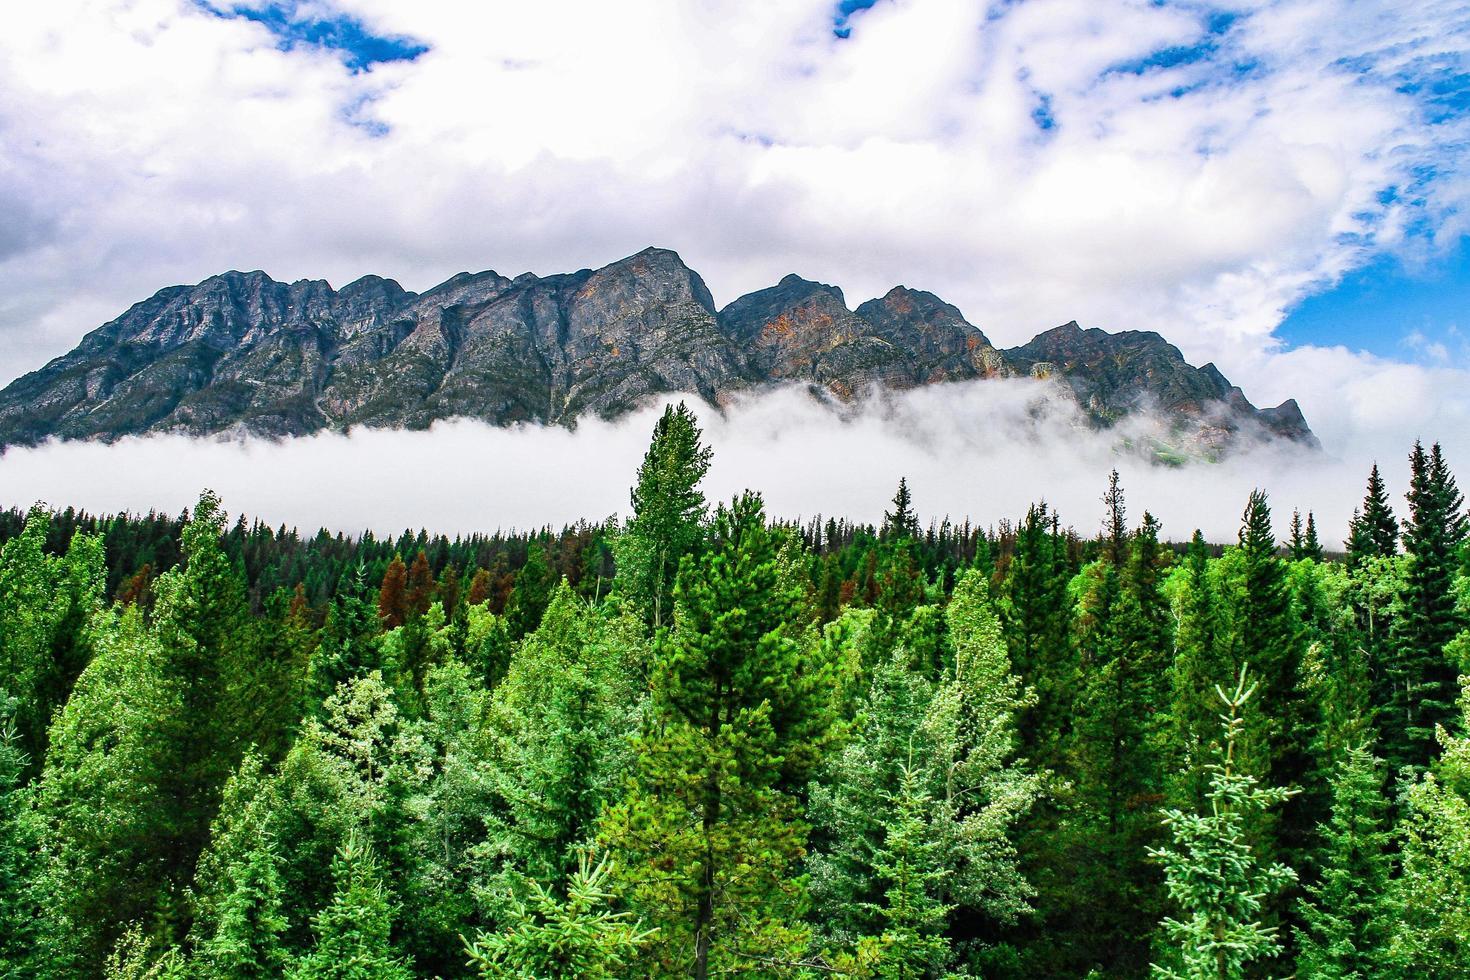 montagnes couvertes de brouillard photo